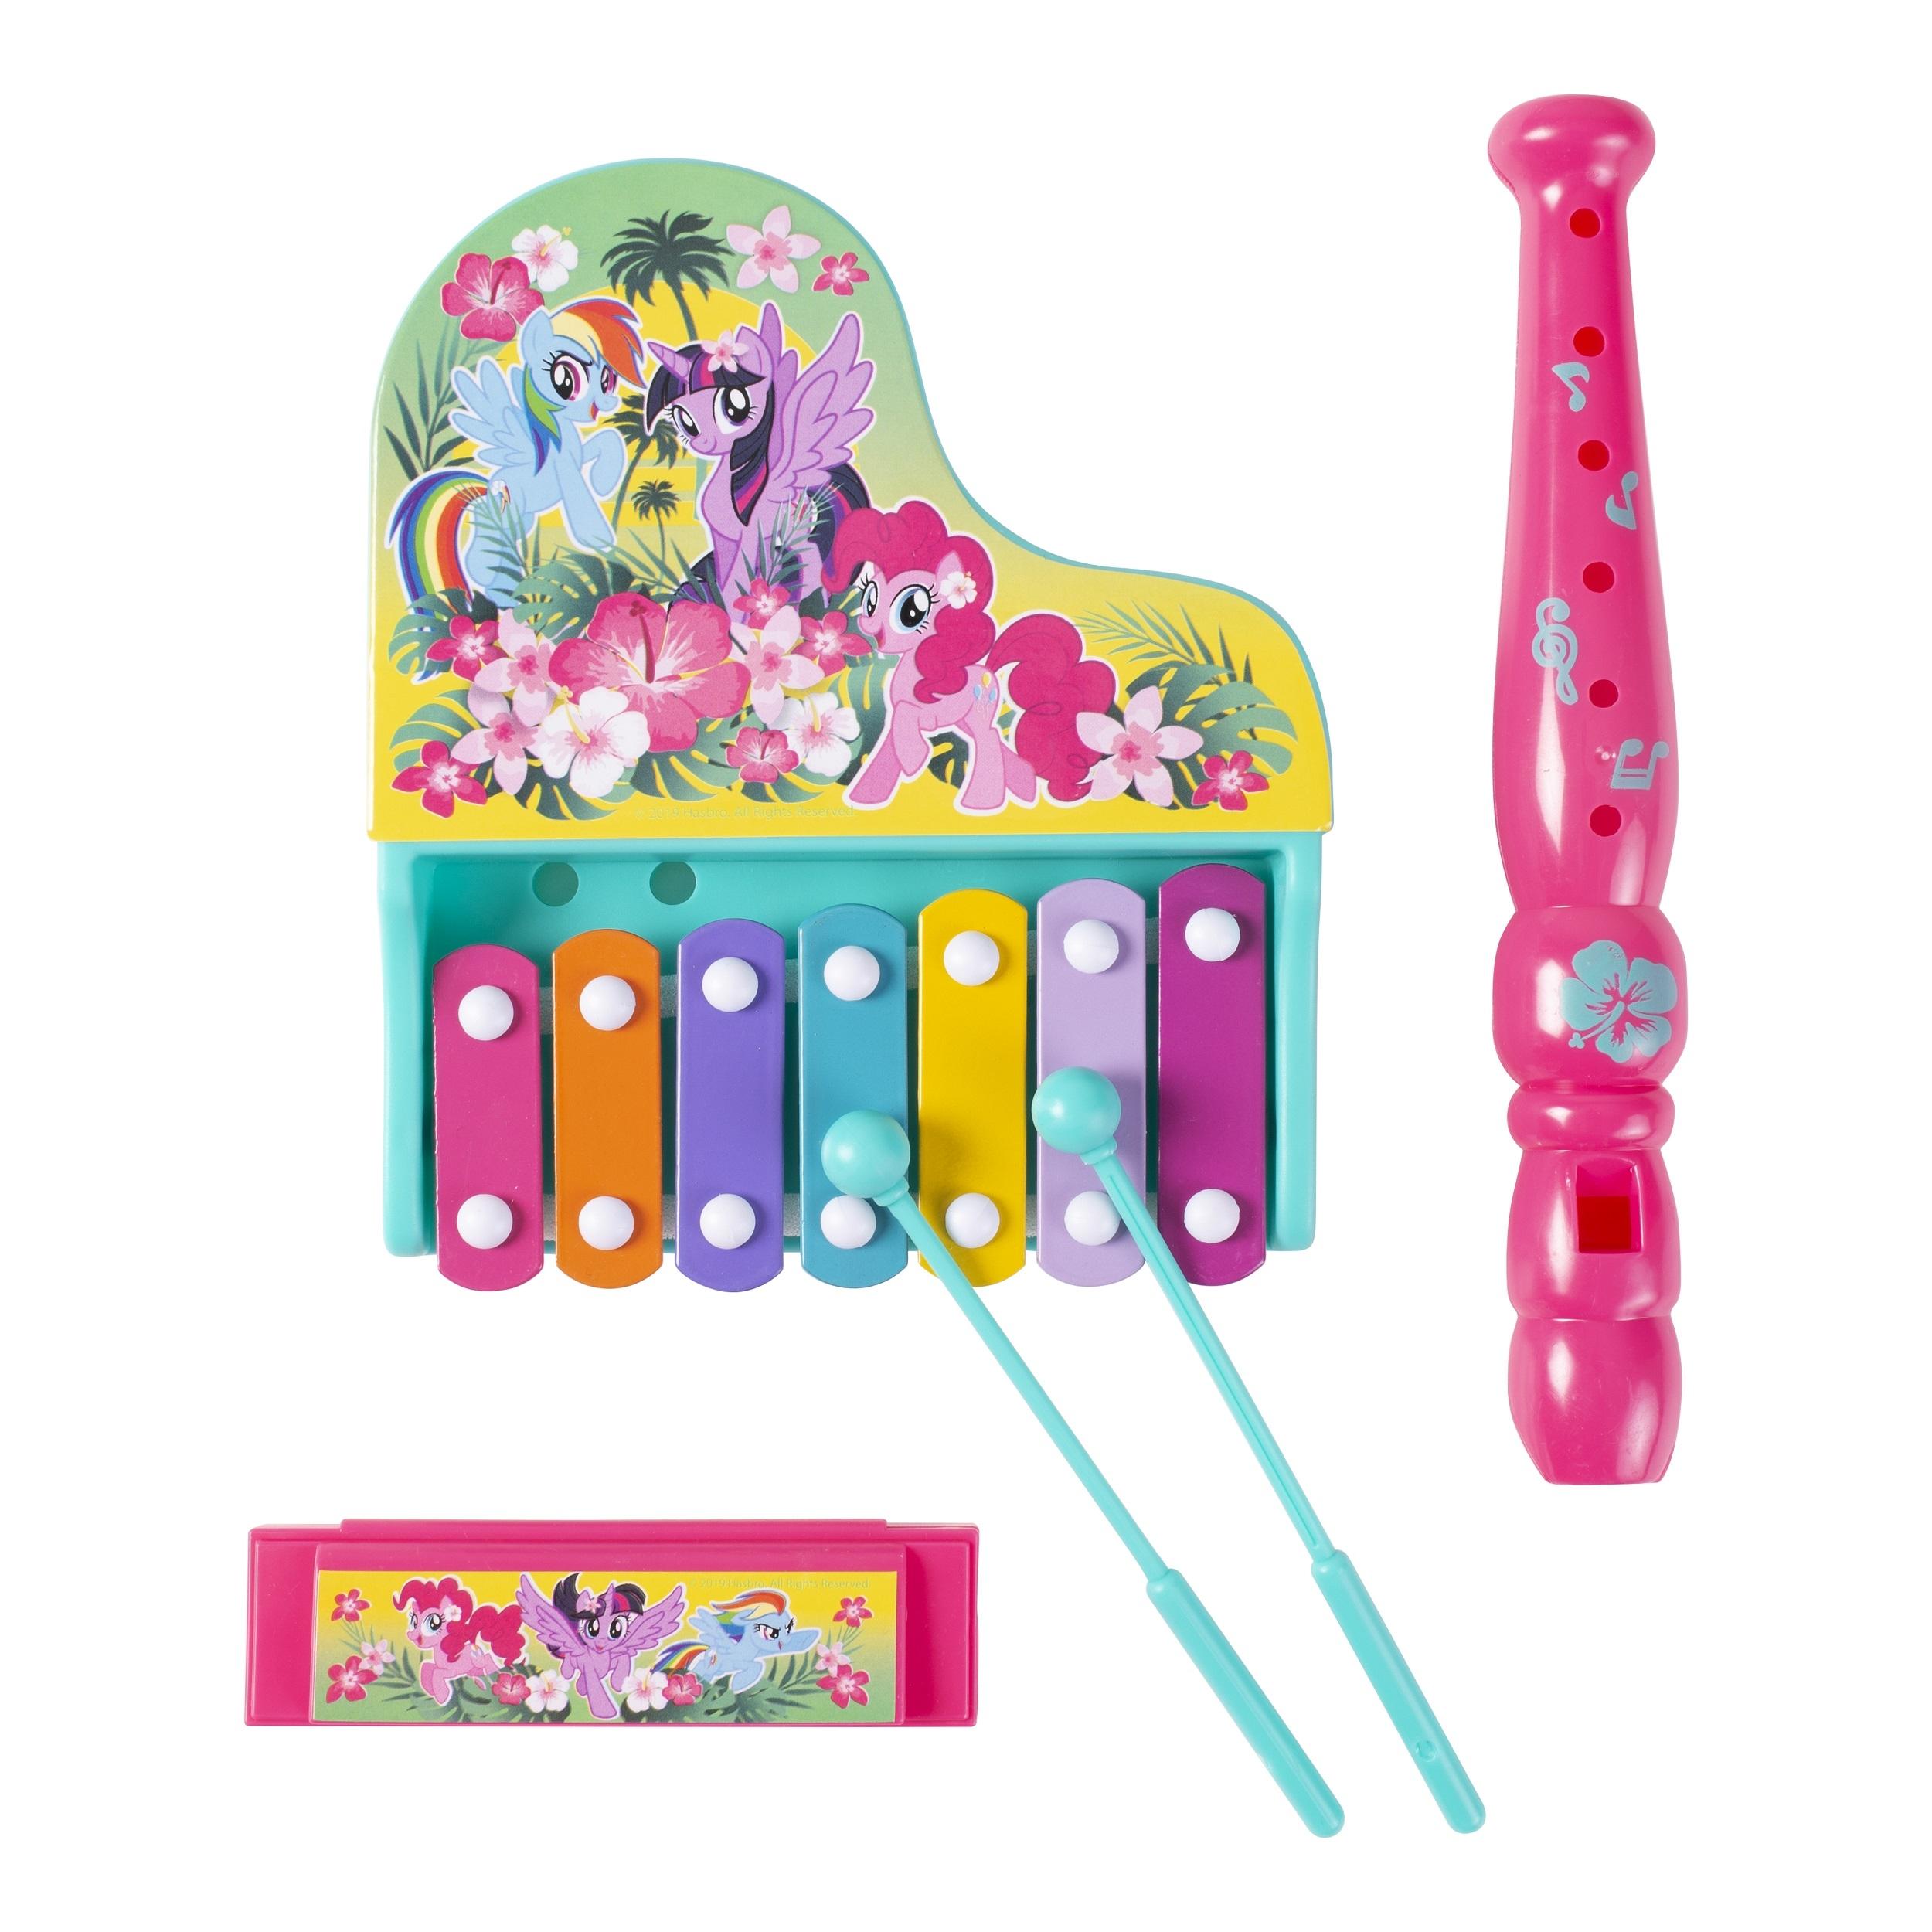 Фото - Набор музыкальных инструментов My Little Pony для детей лопатка кондитерская ваниль цвет бежевый 21 х 2 х 1 см